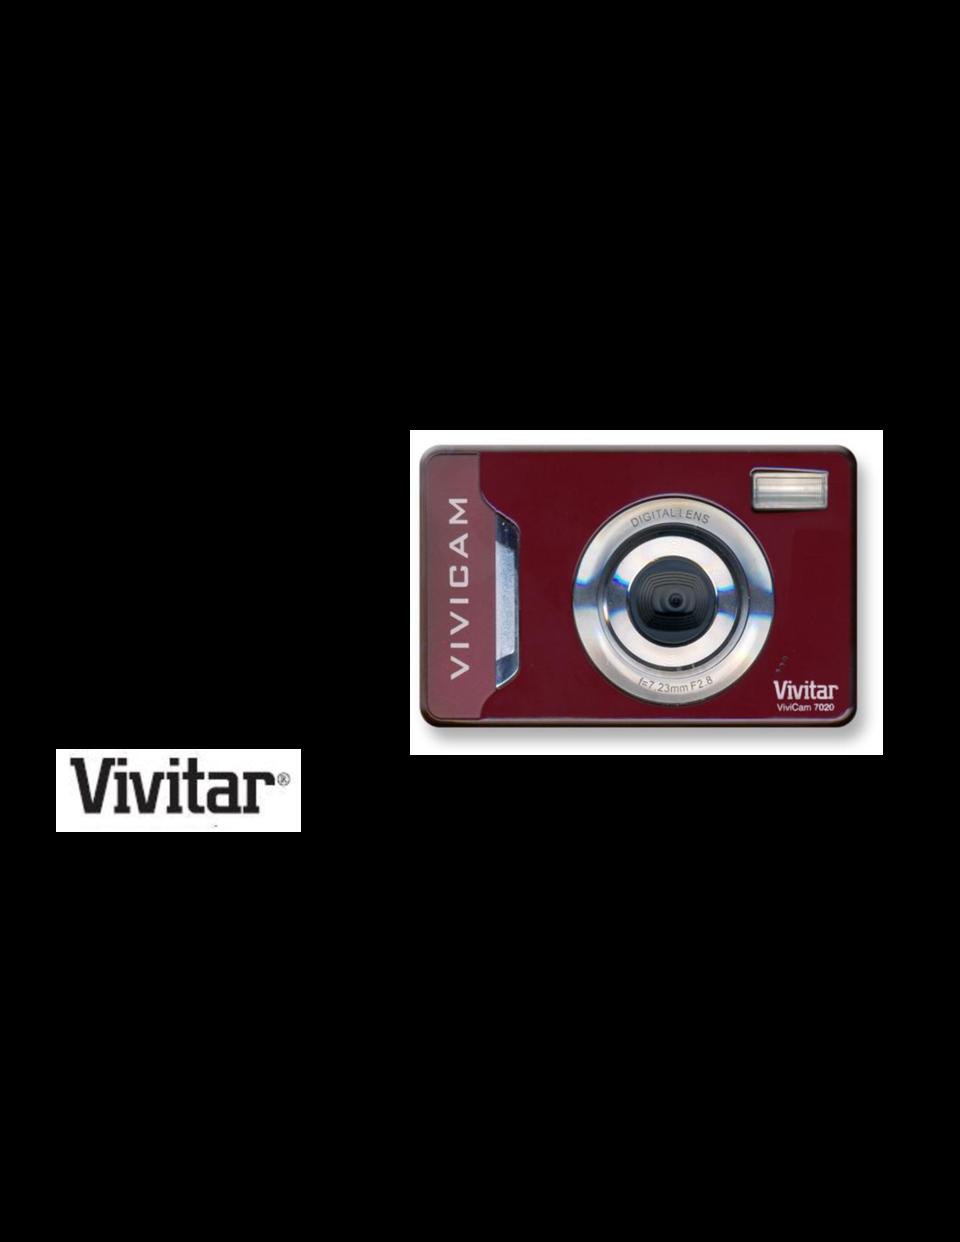 vivitar vivicam 7020 users manual rh usermanuals tech